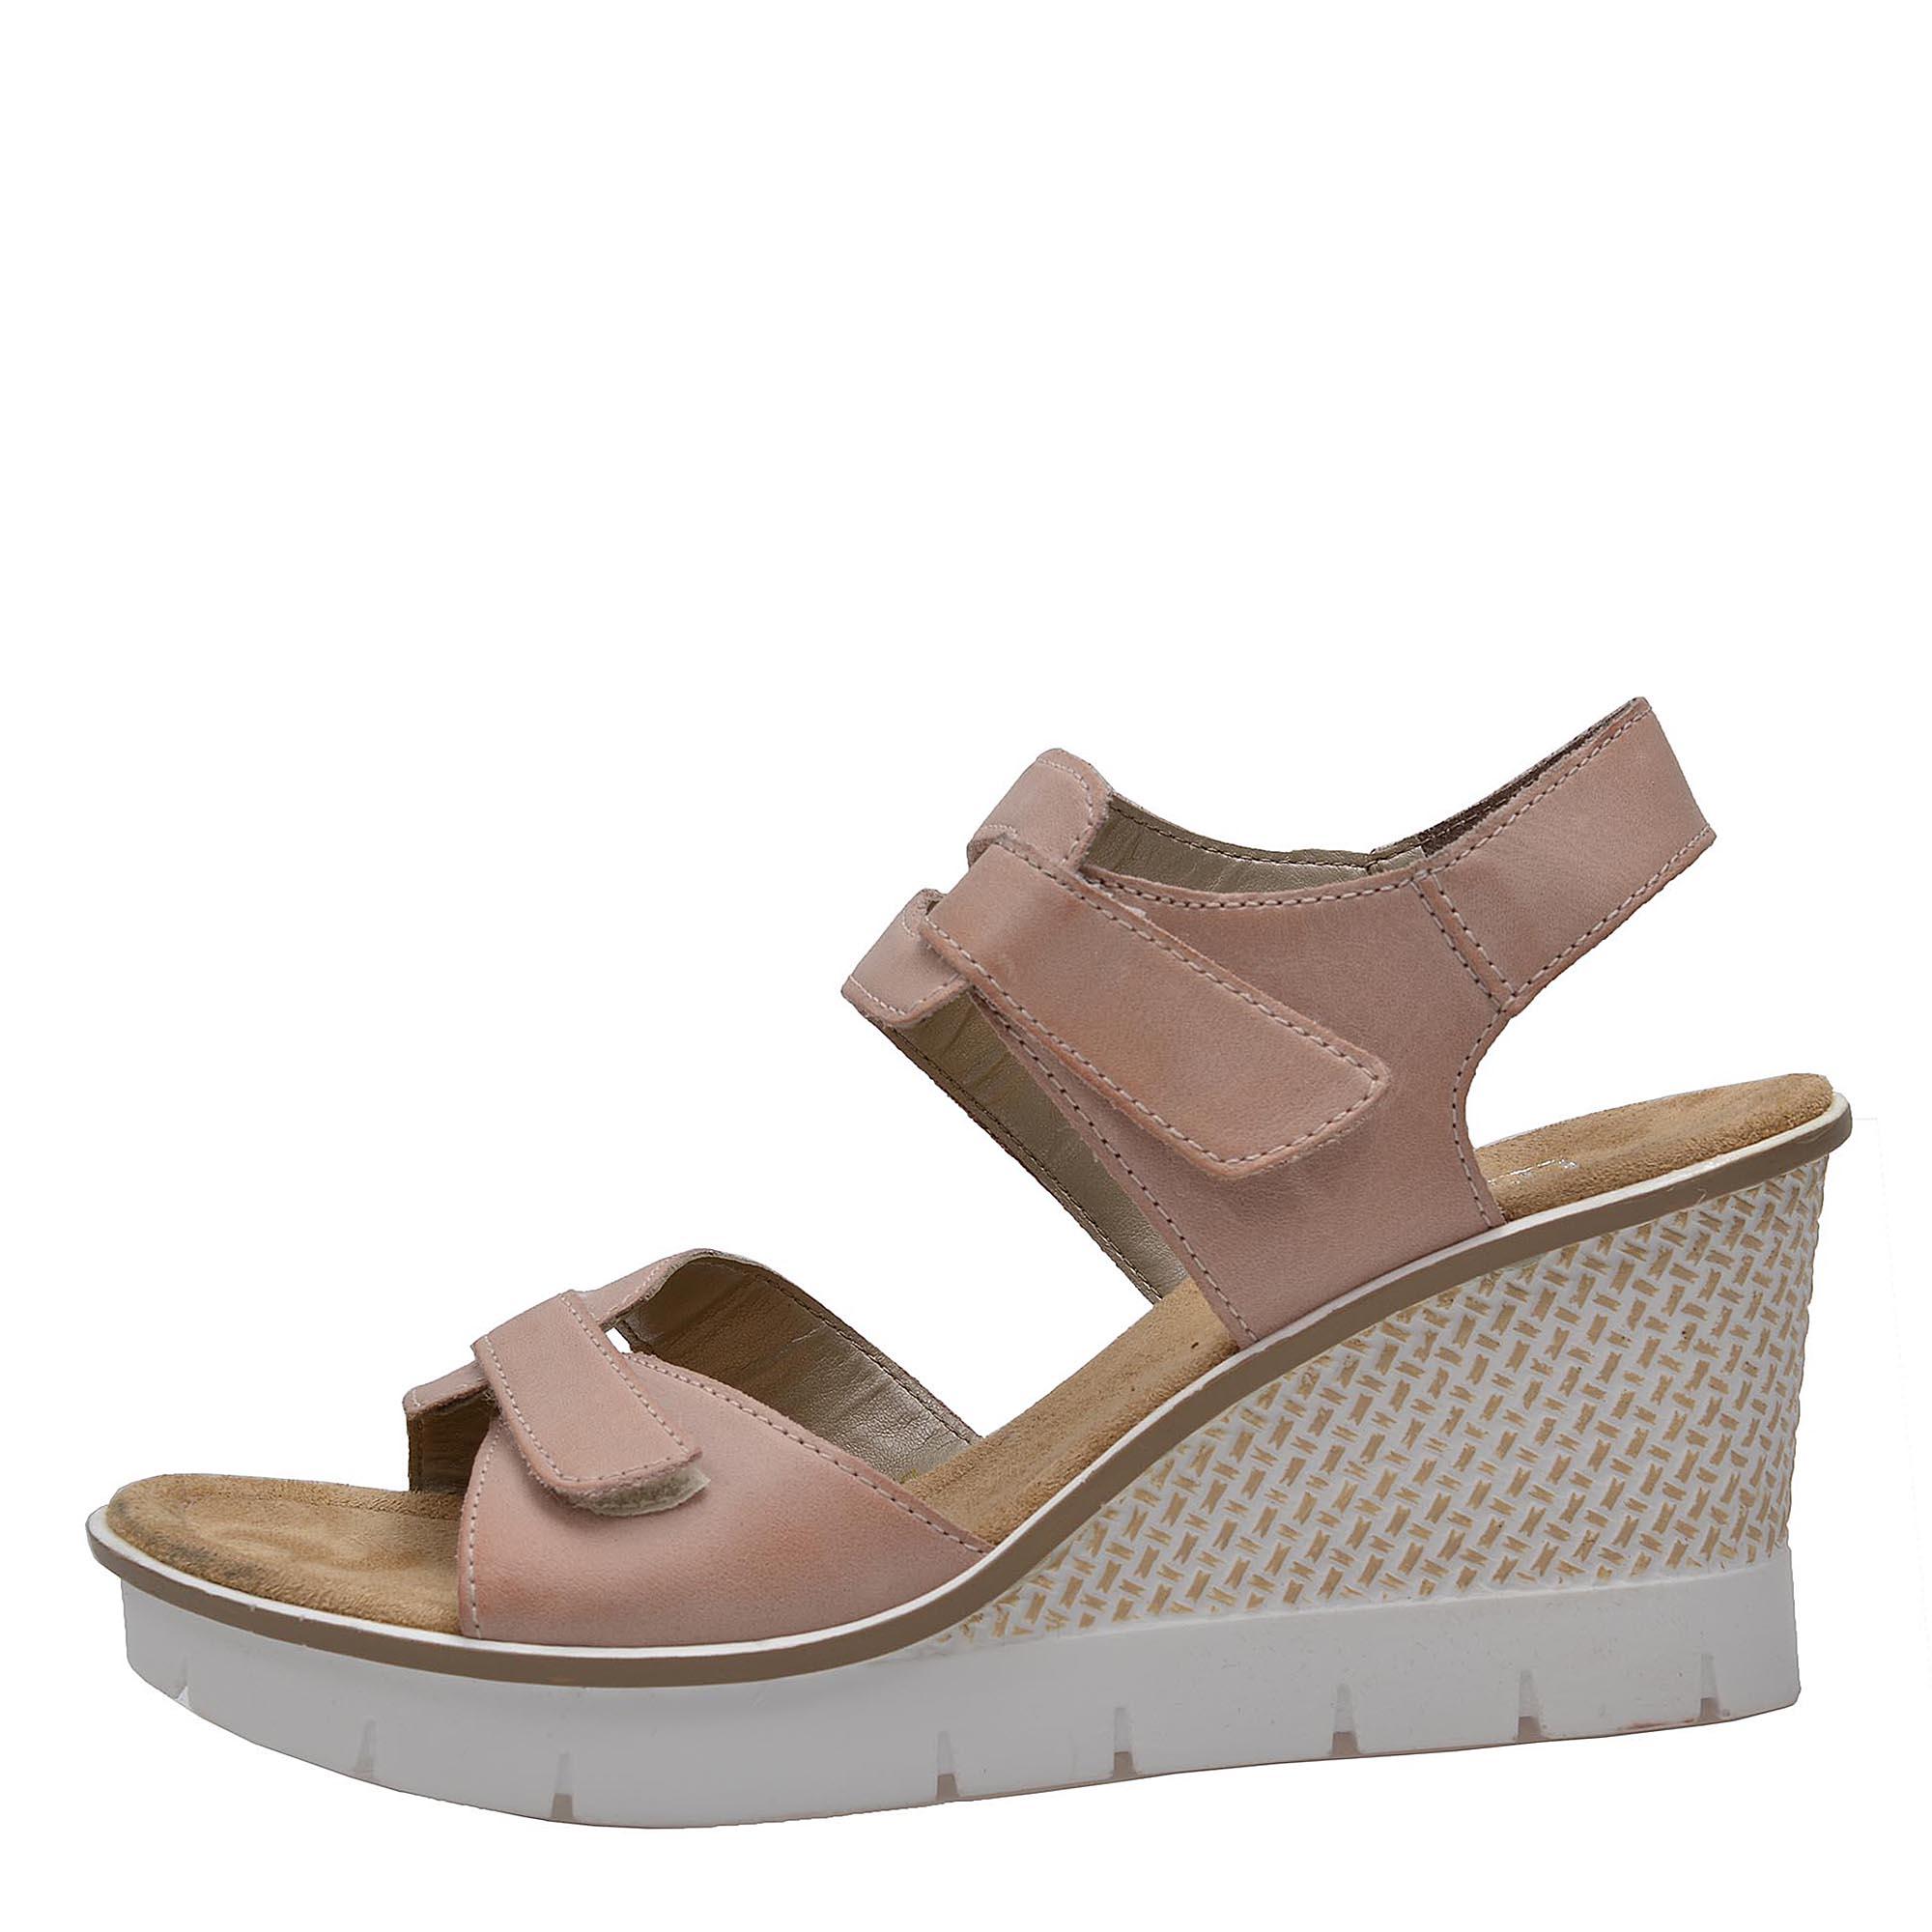 331f5229433 Dámská obuv RIEKER68556 31 ROSA F S 8